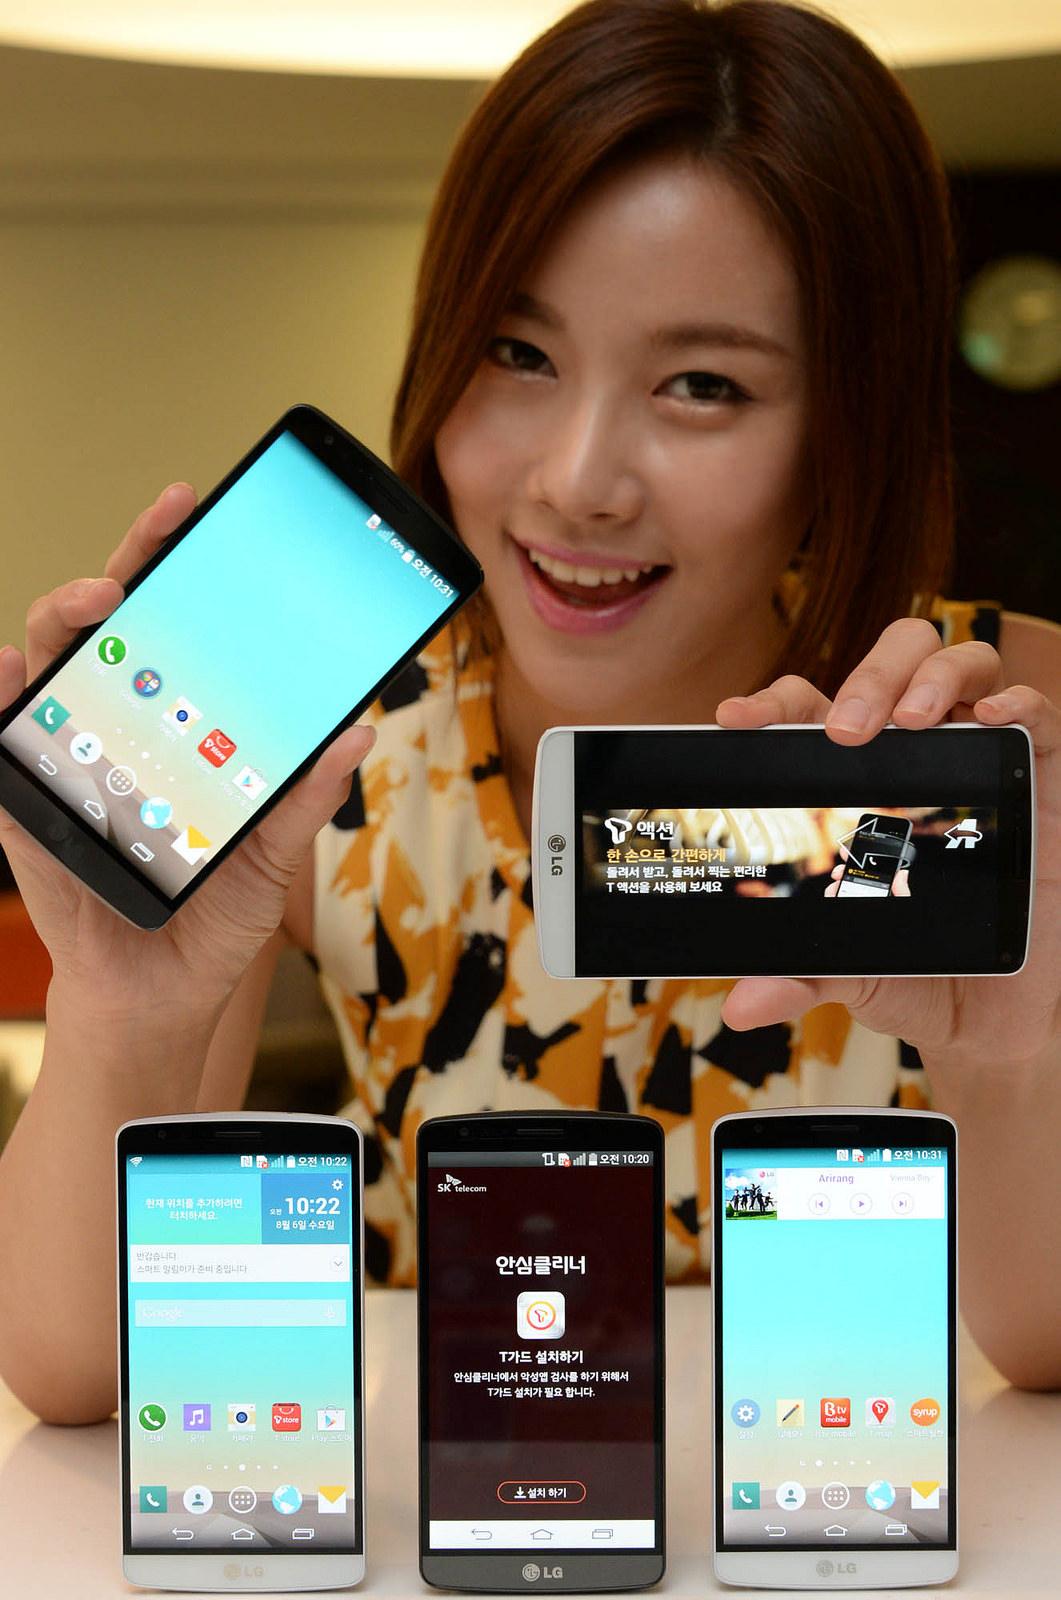 إل جي تكشف عن نسخة جديدة من الهاتف الذكي G3